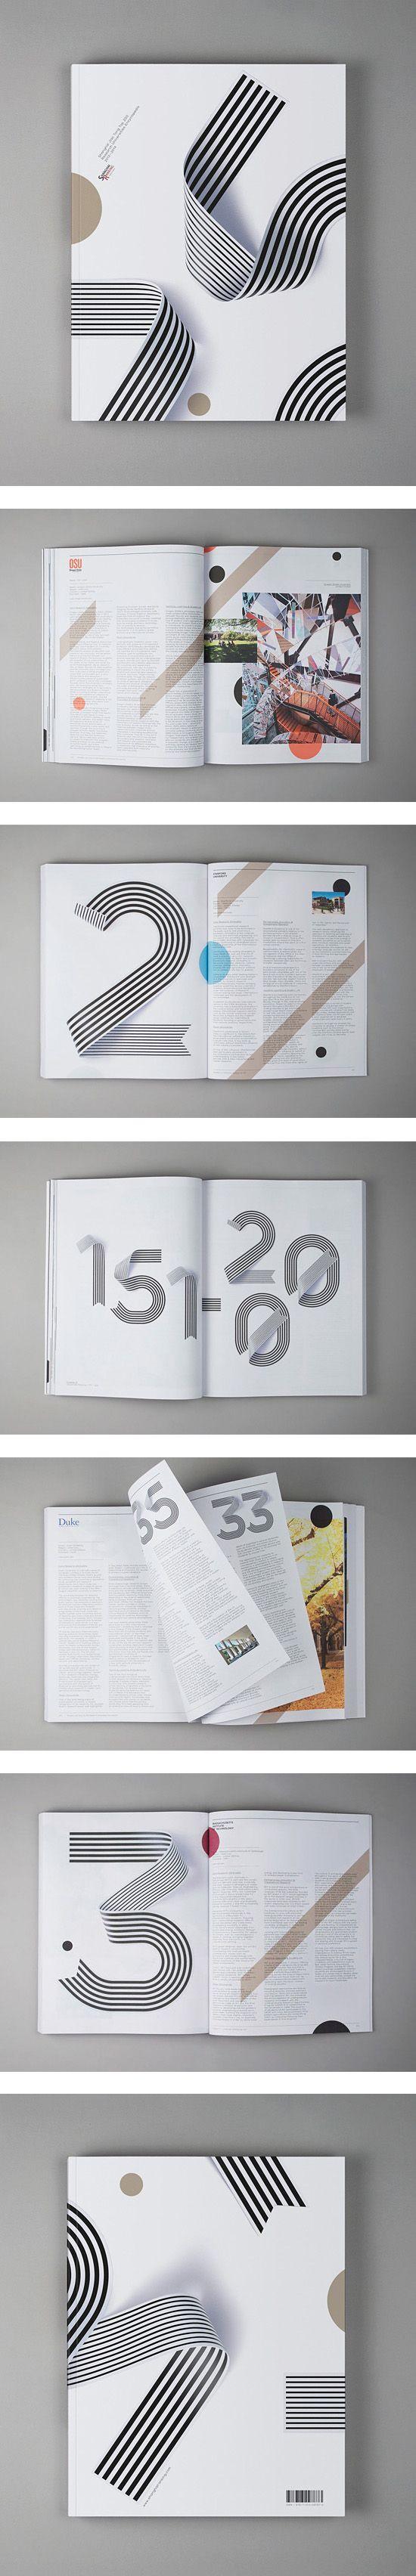 printed 3d